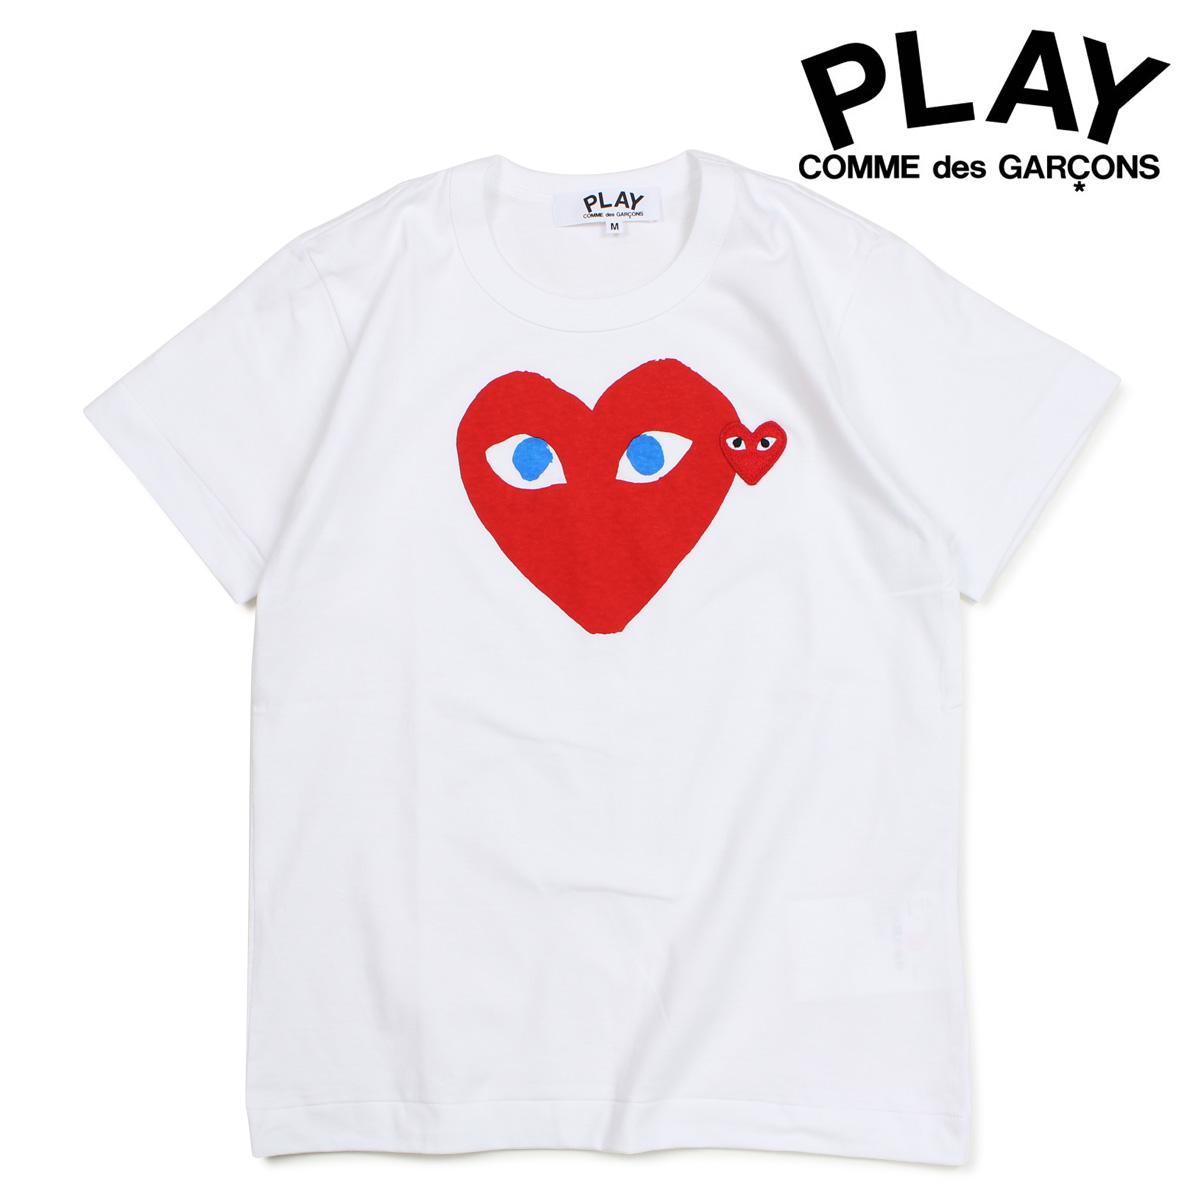 コムデギャルソン PLAY Tシャツ 半袖 COMME des GARCONS レディース RED HEART T-SHIRT ホワイト AZT085 [10/3 新入荷]